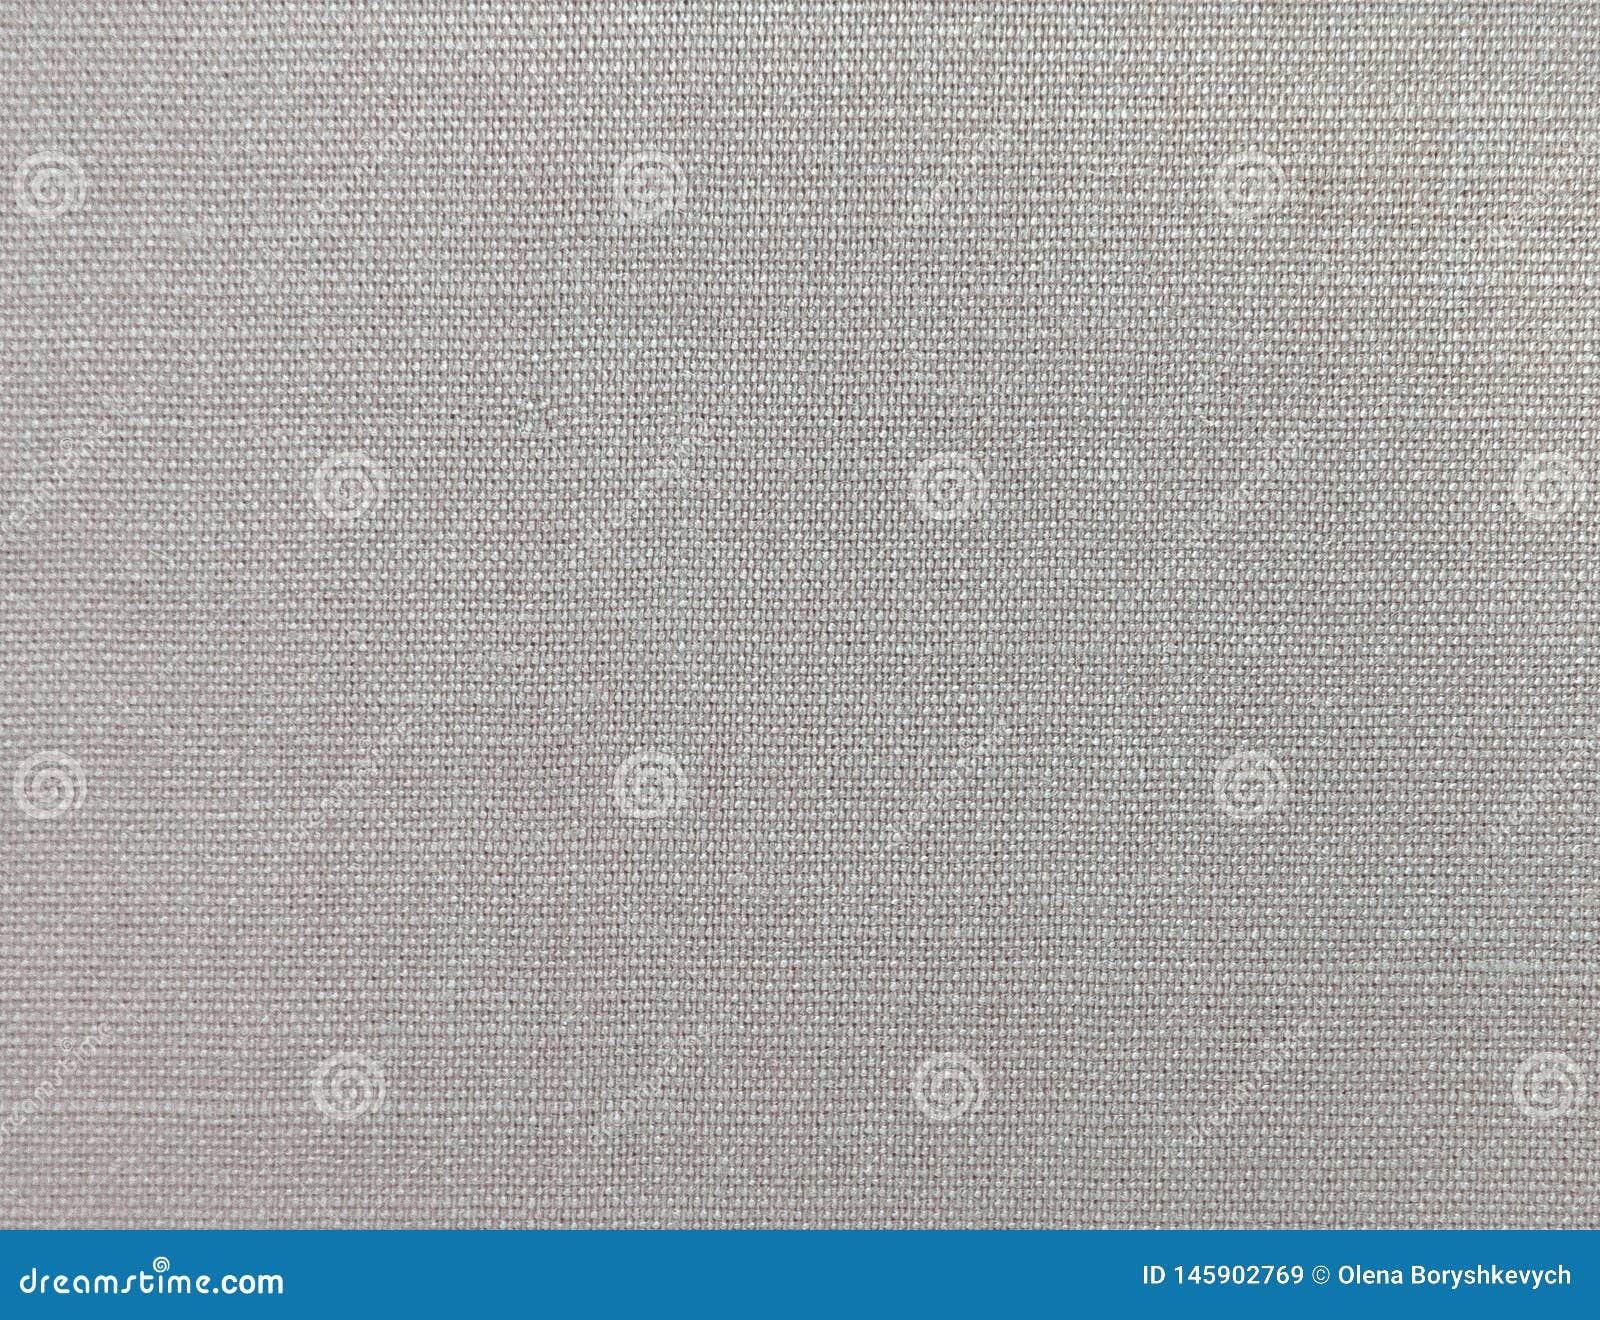 Fondo texturizado de la materia textil natural gris